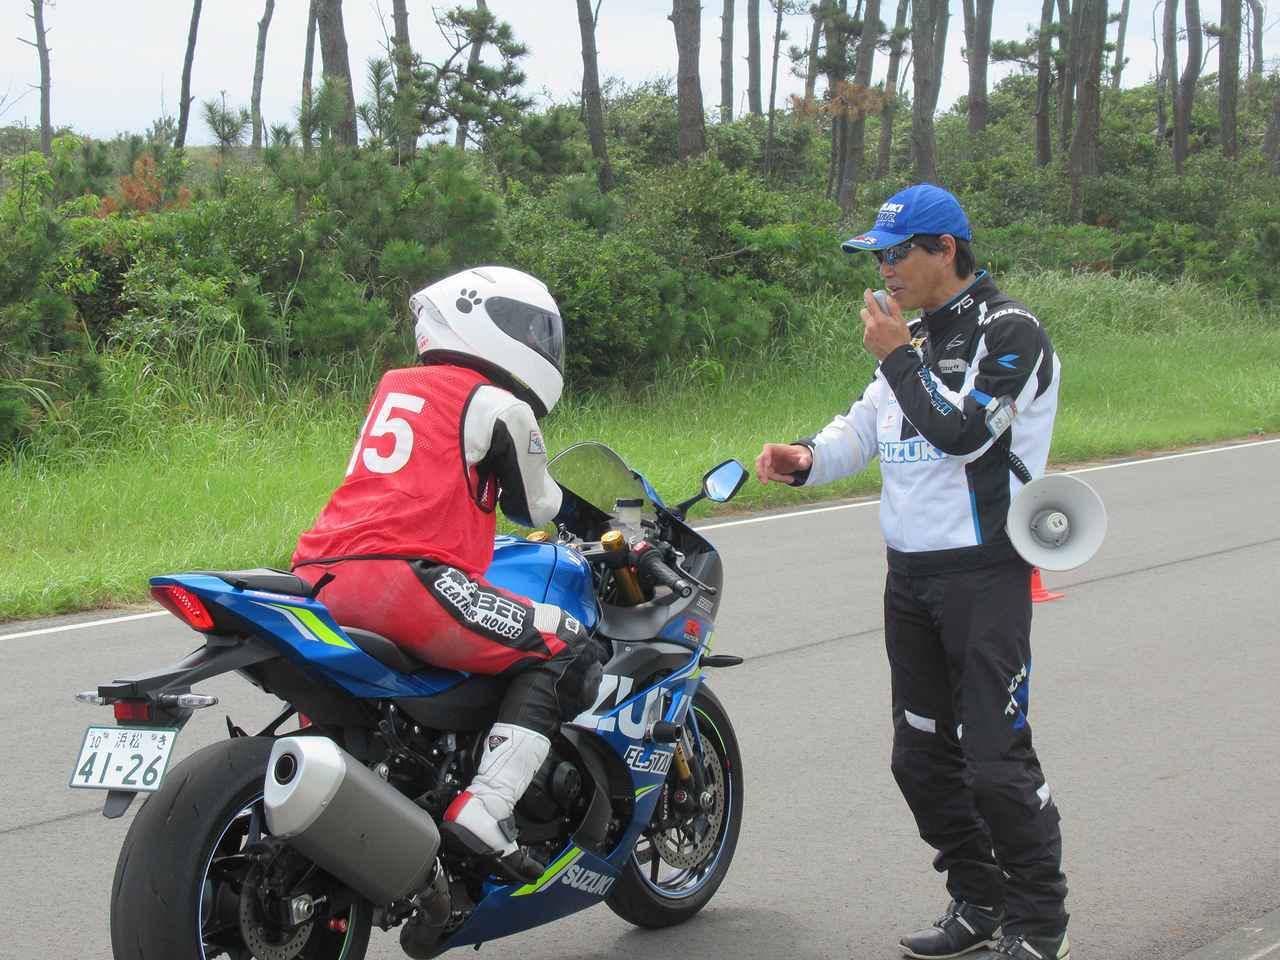 画像2: 1回行くだけで『確実にバイクが上達した』と実感できるスクール